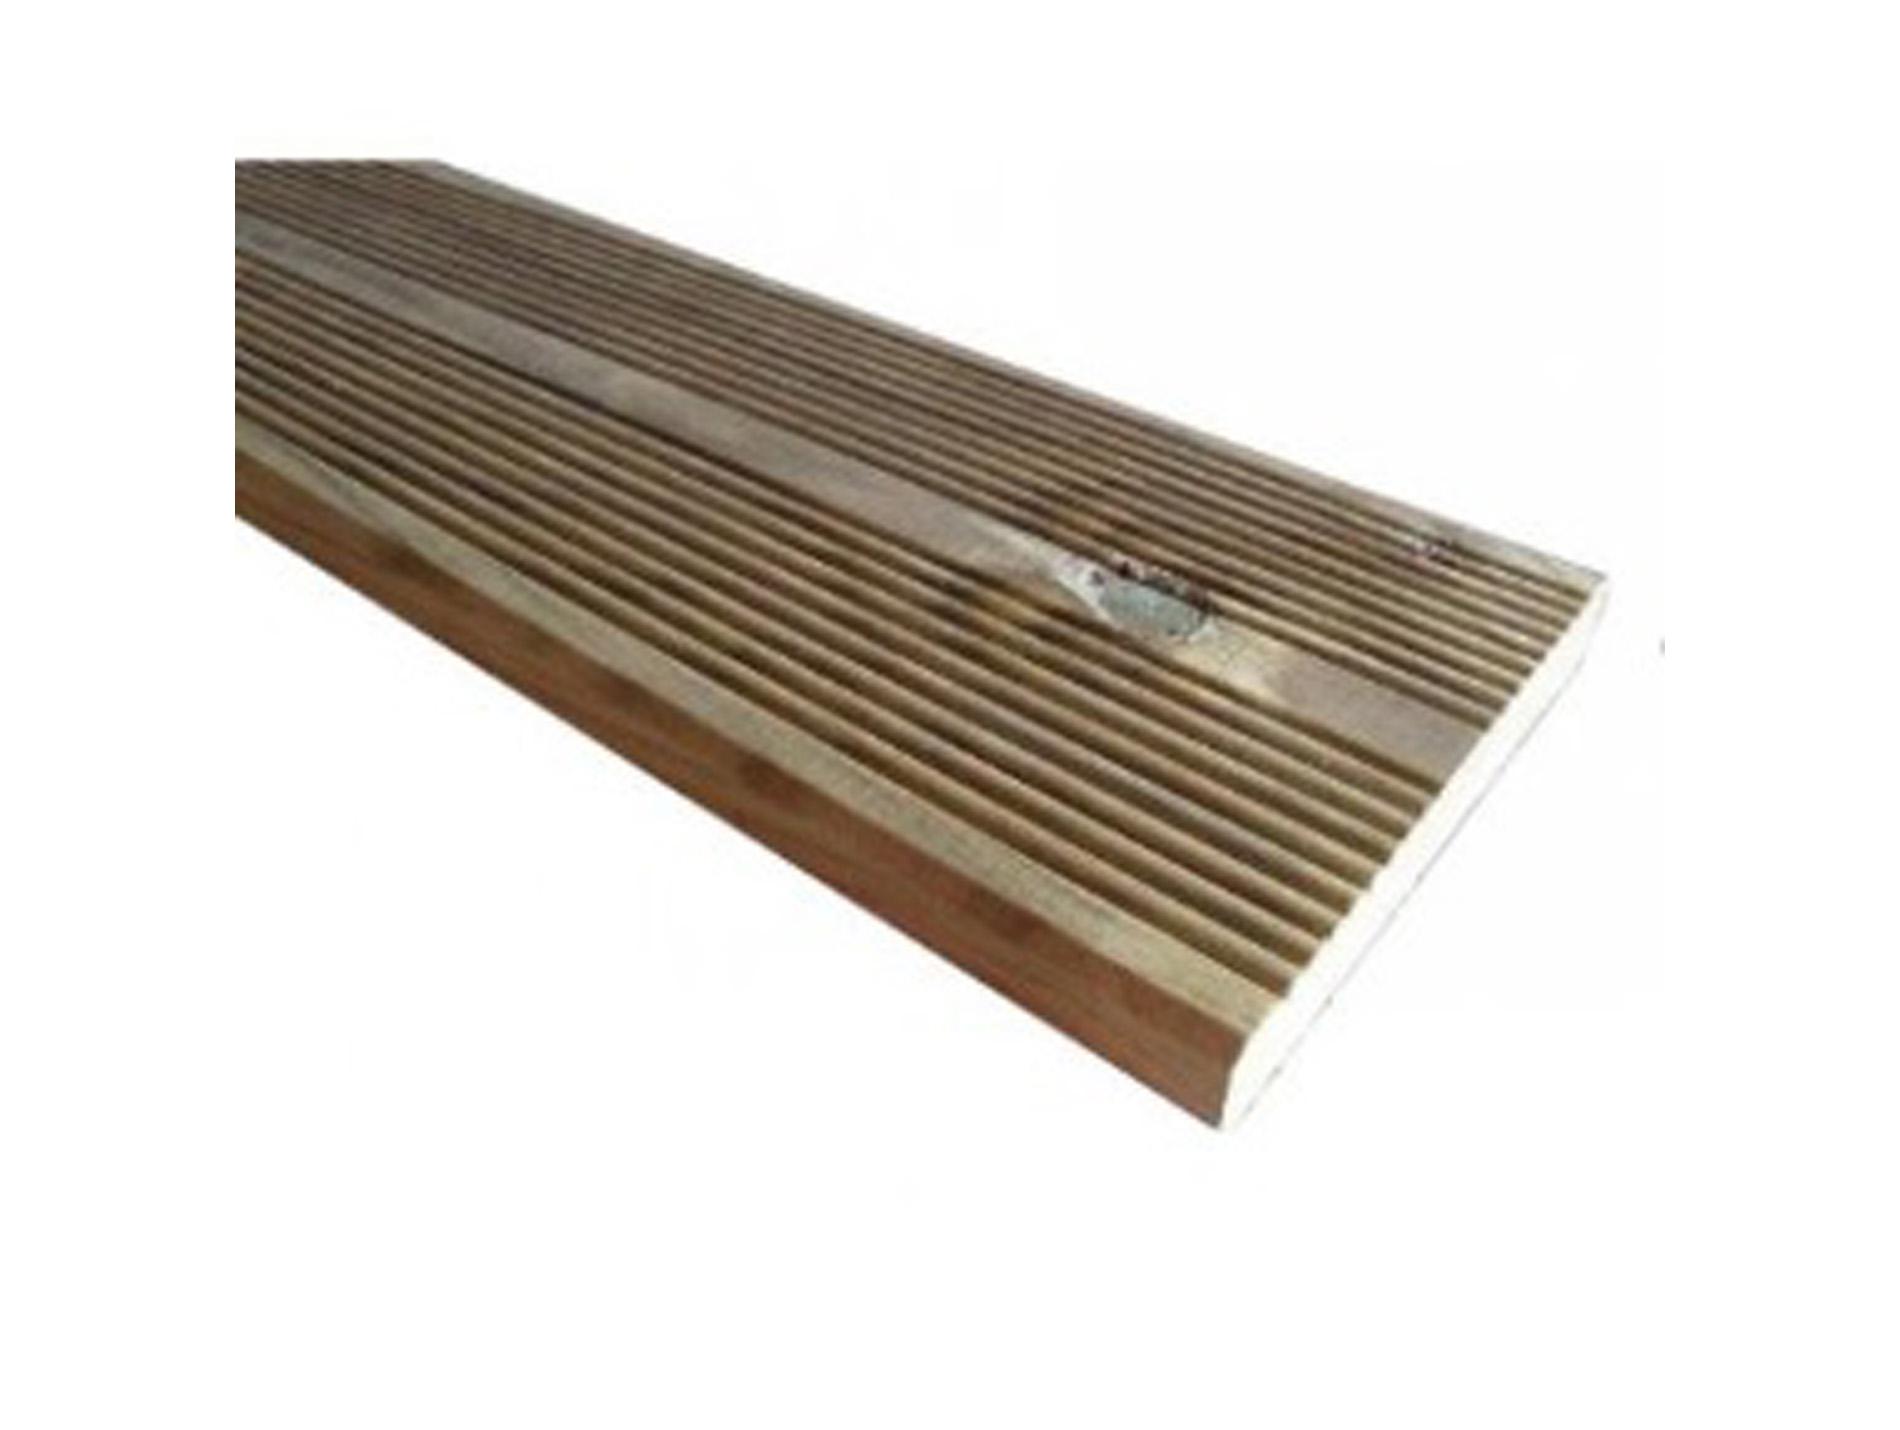 lame bois rainur e 3m terrasse en bois terrasse d 39 ext rieur am nagement ext rieur. Black Bedroom Furniture Sets. Home Design Ideas